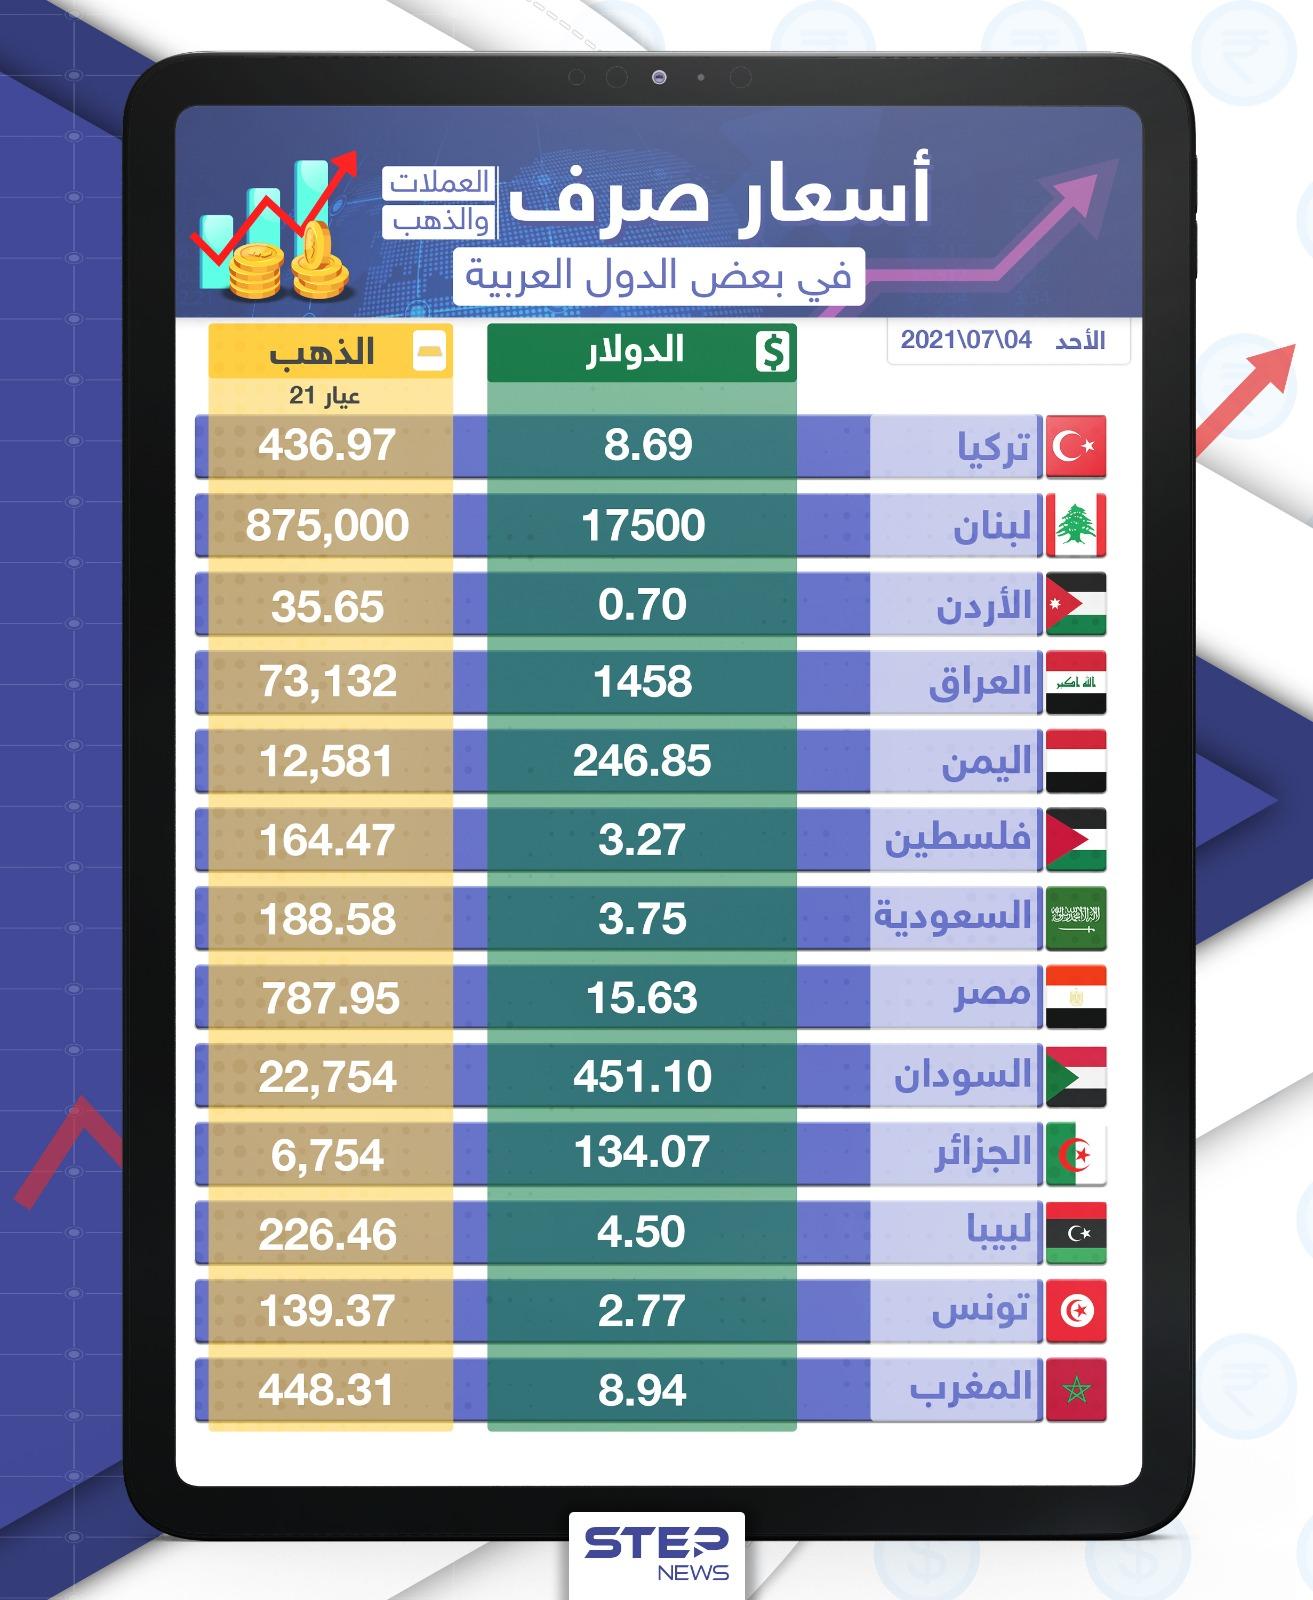 أسعار الذهب والعملات للدول العربية وتركيا اليوم الأحد الموافق 04 تموز 2021